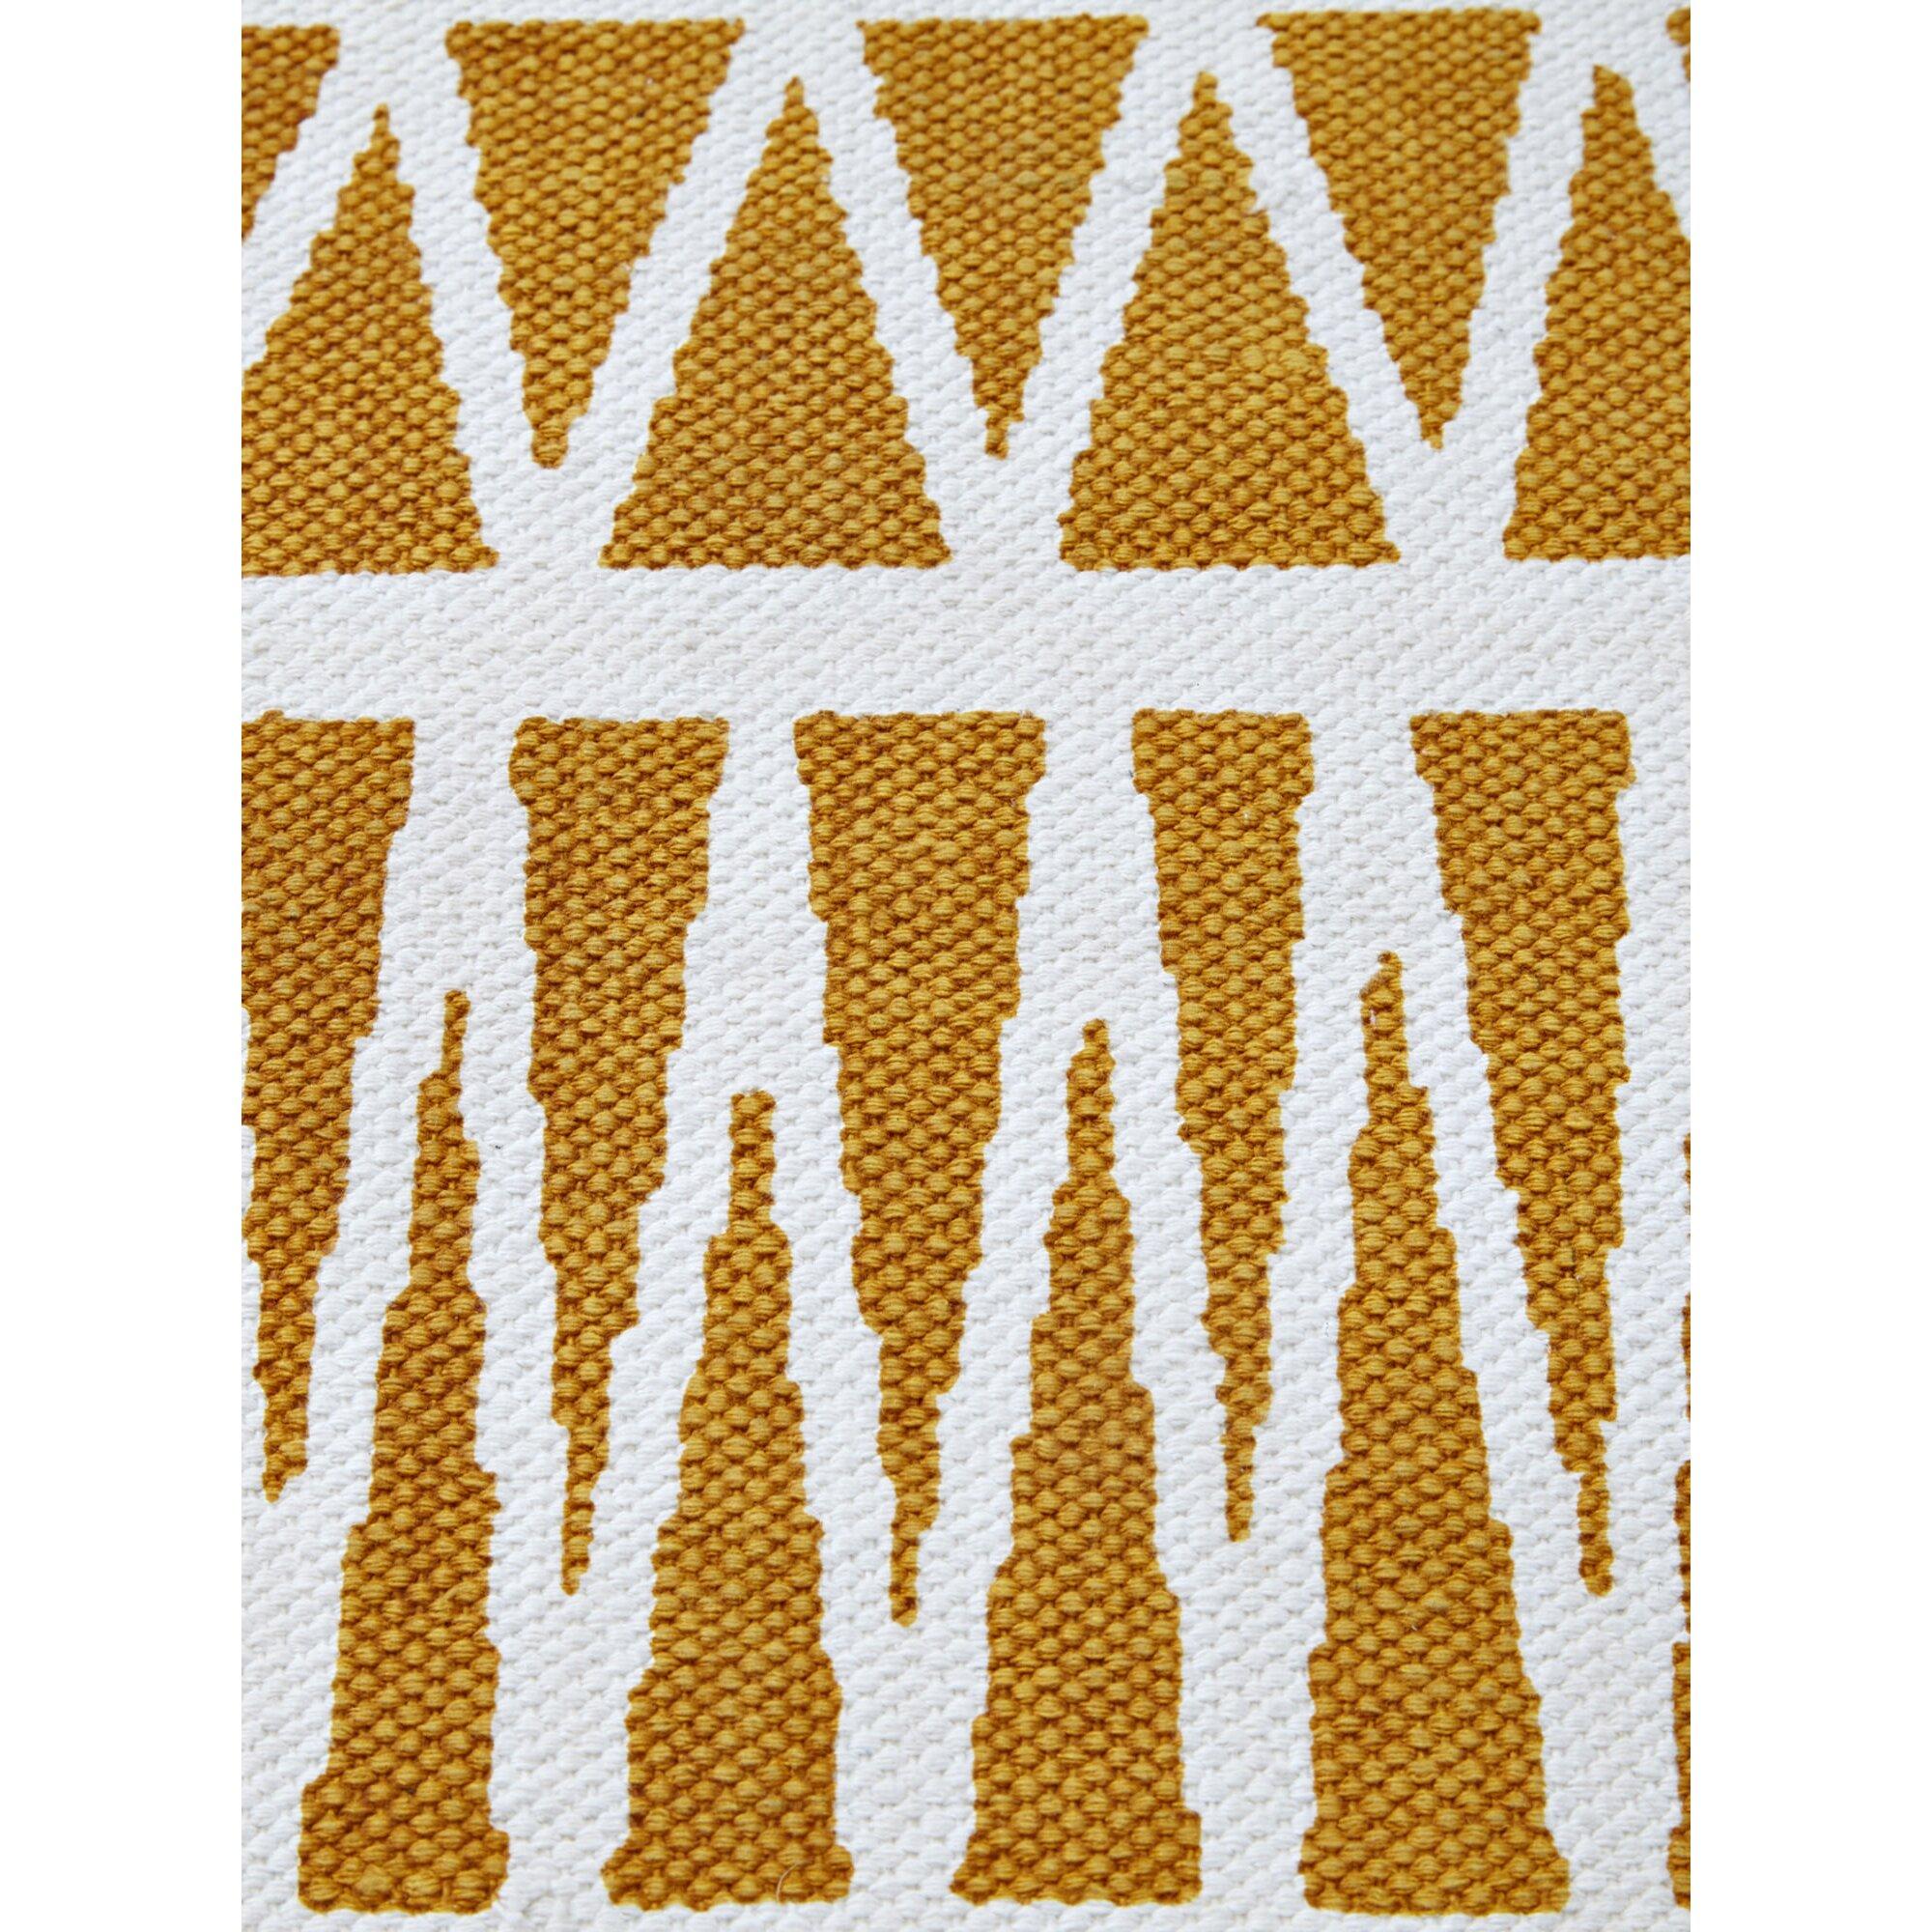 Vertbaudet Kinderzimmer-Teppich grafisches Muster gelb